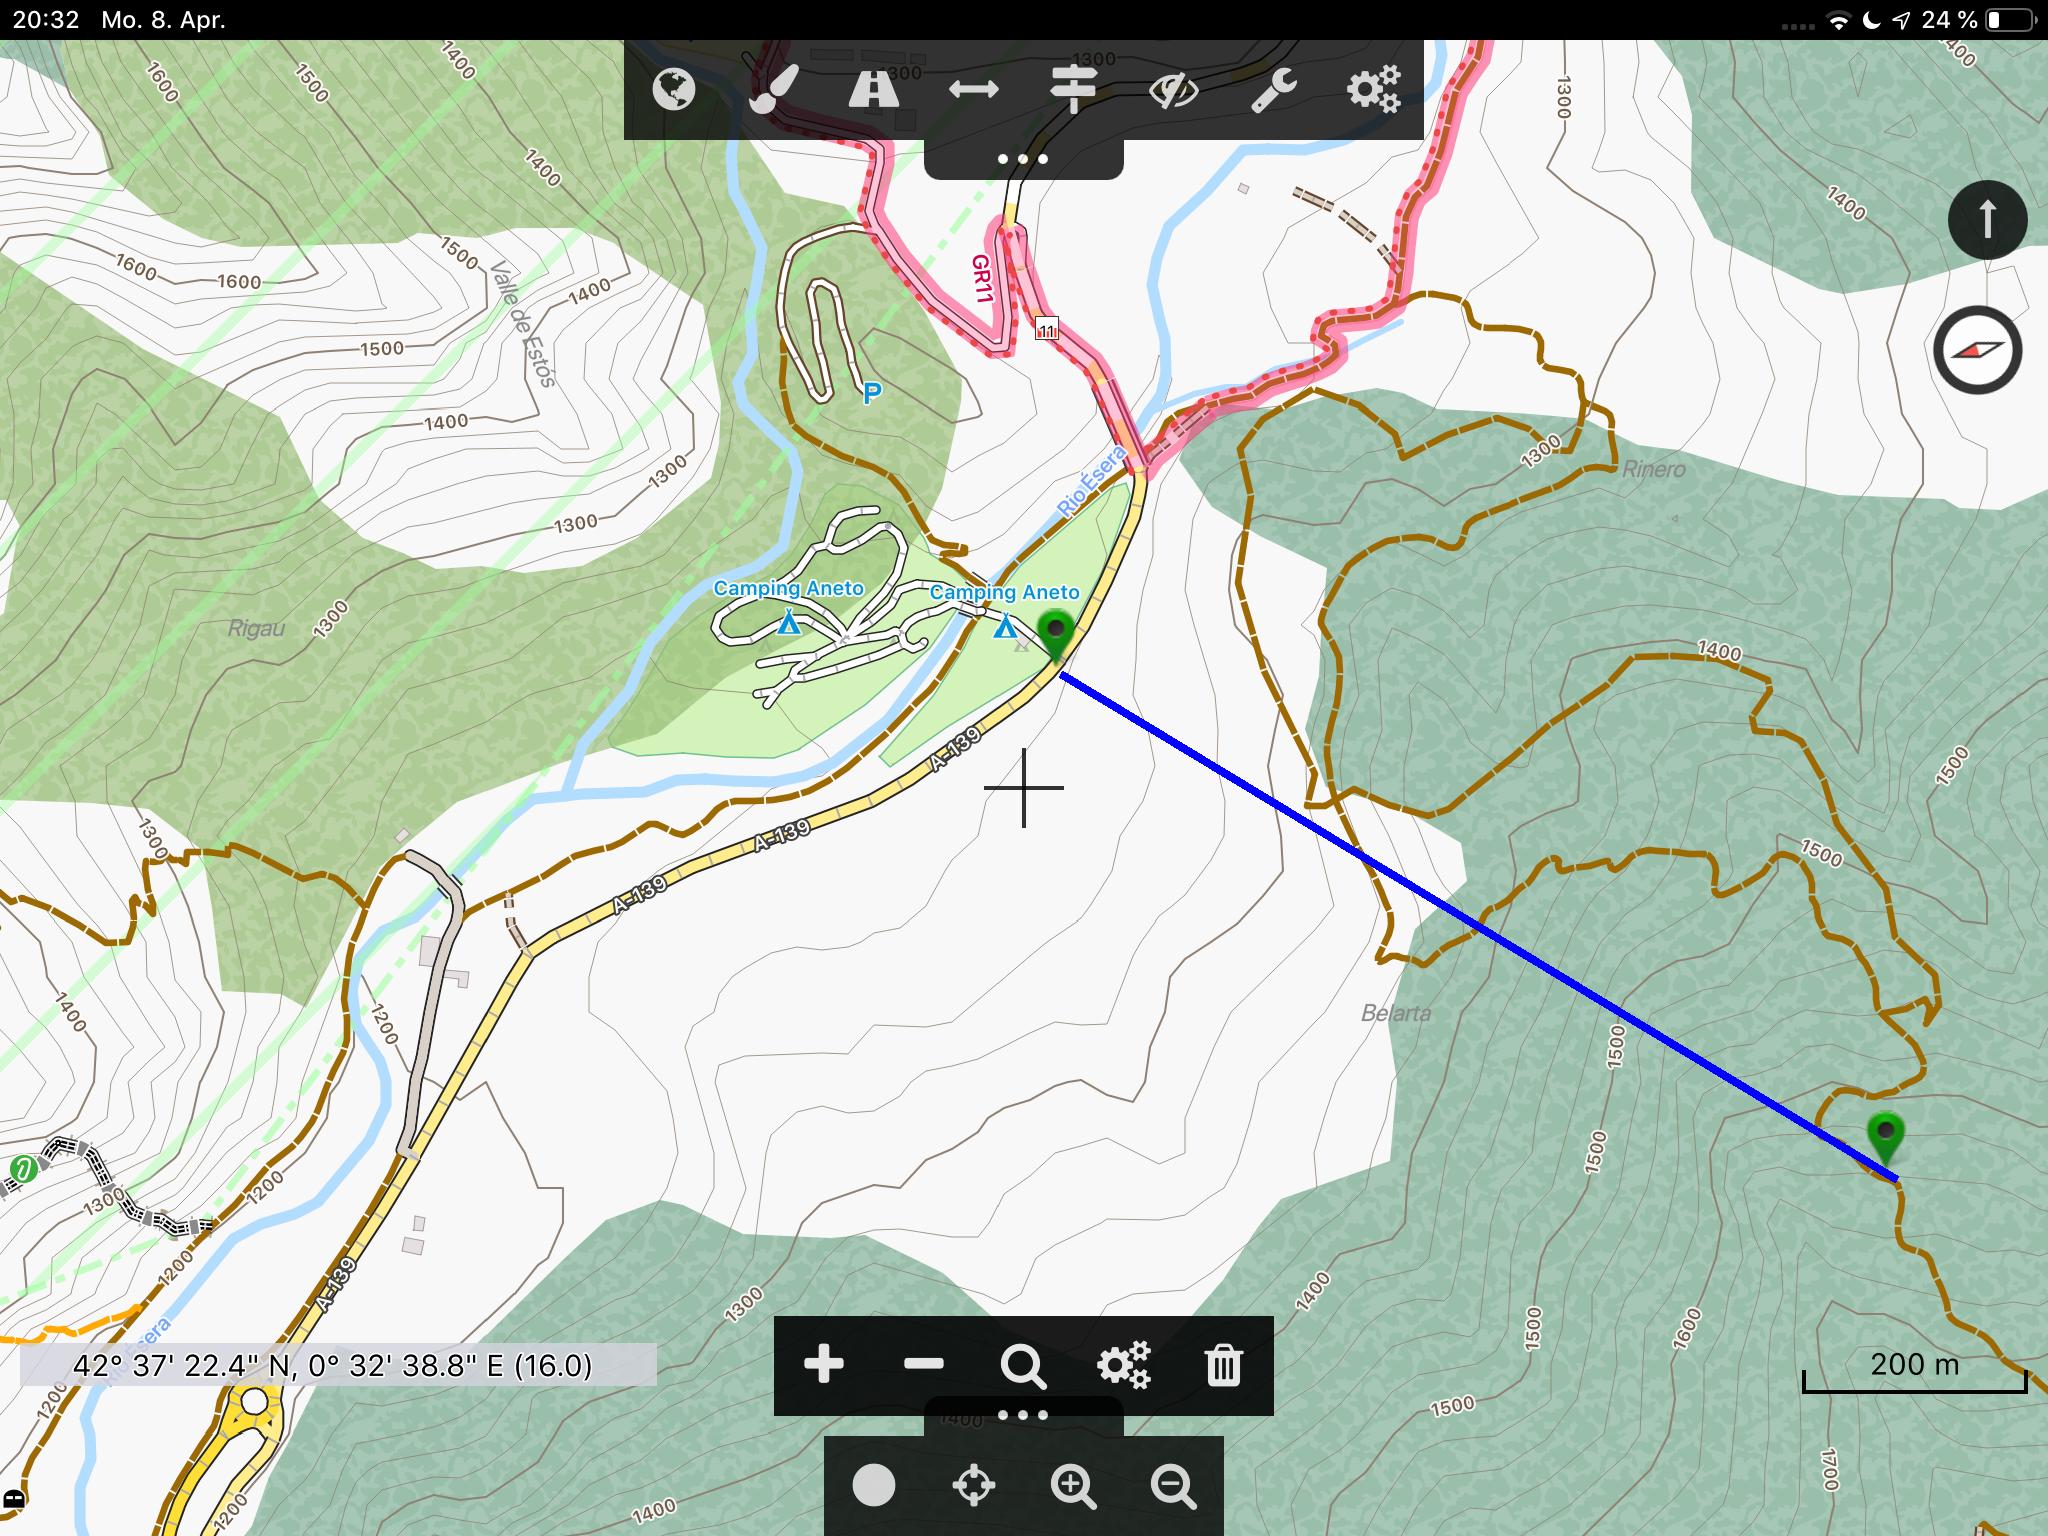 Offroad-Navi-App Cartograph - Trotz Bewegung nur ein Fadenkreuz und keine Zielführungslinie.